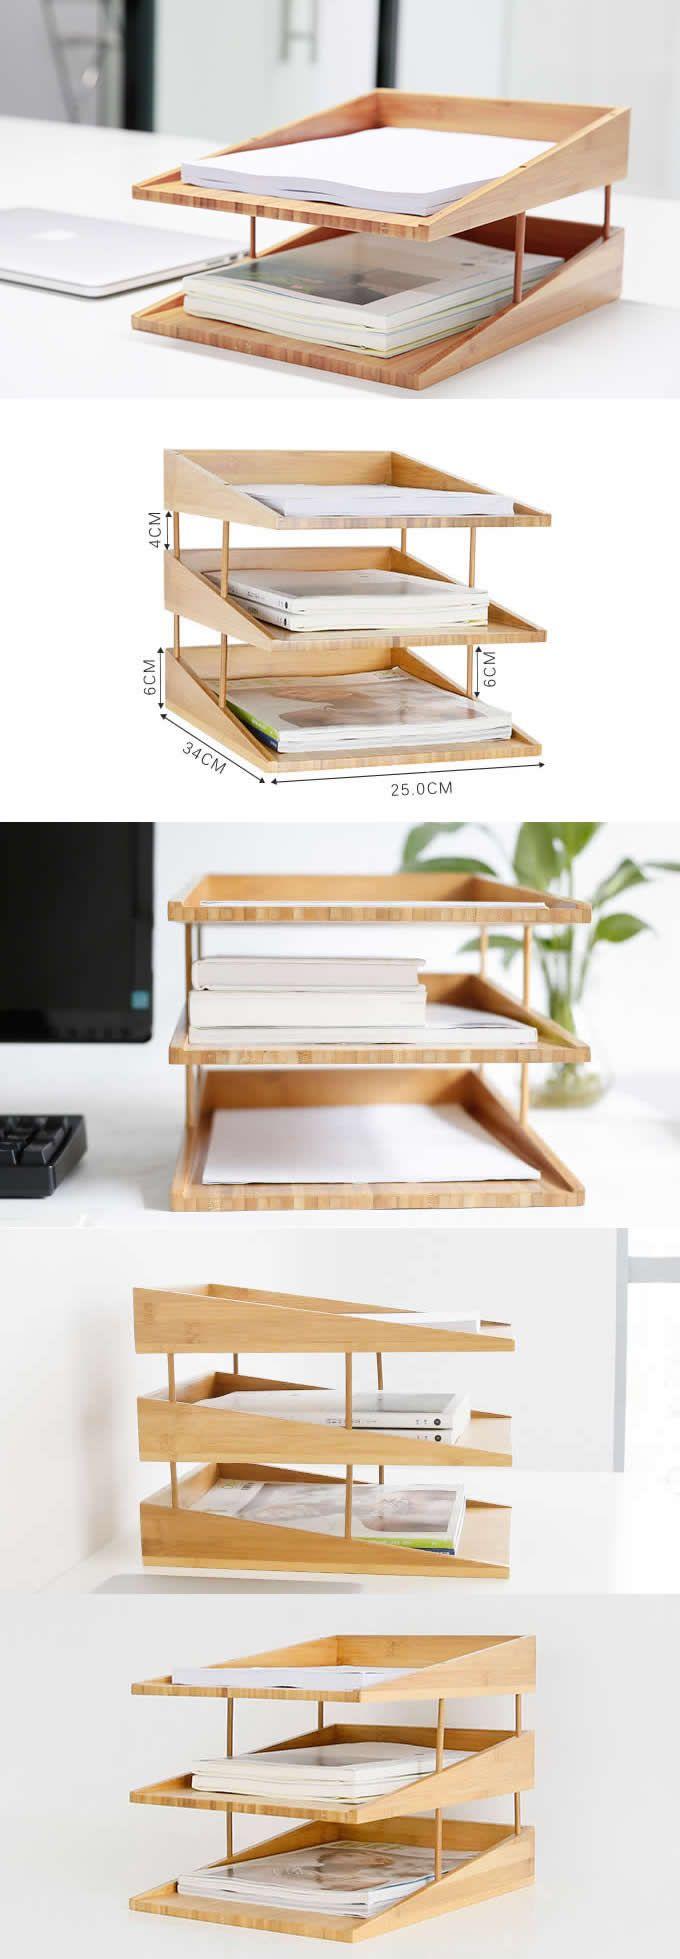 Bamboo Multi Tier Desk Organizer Tray Letter File